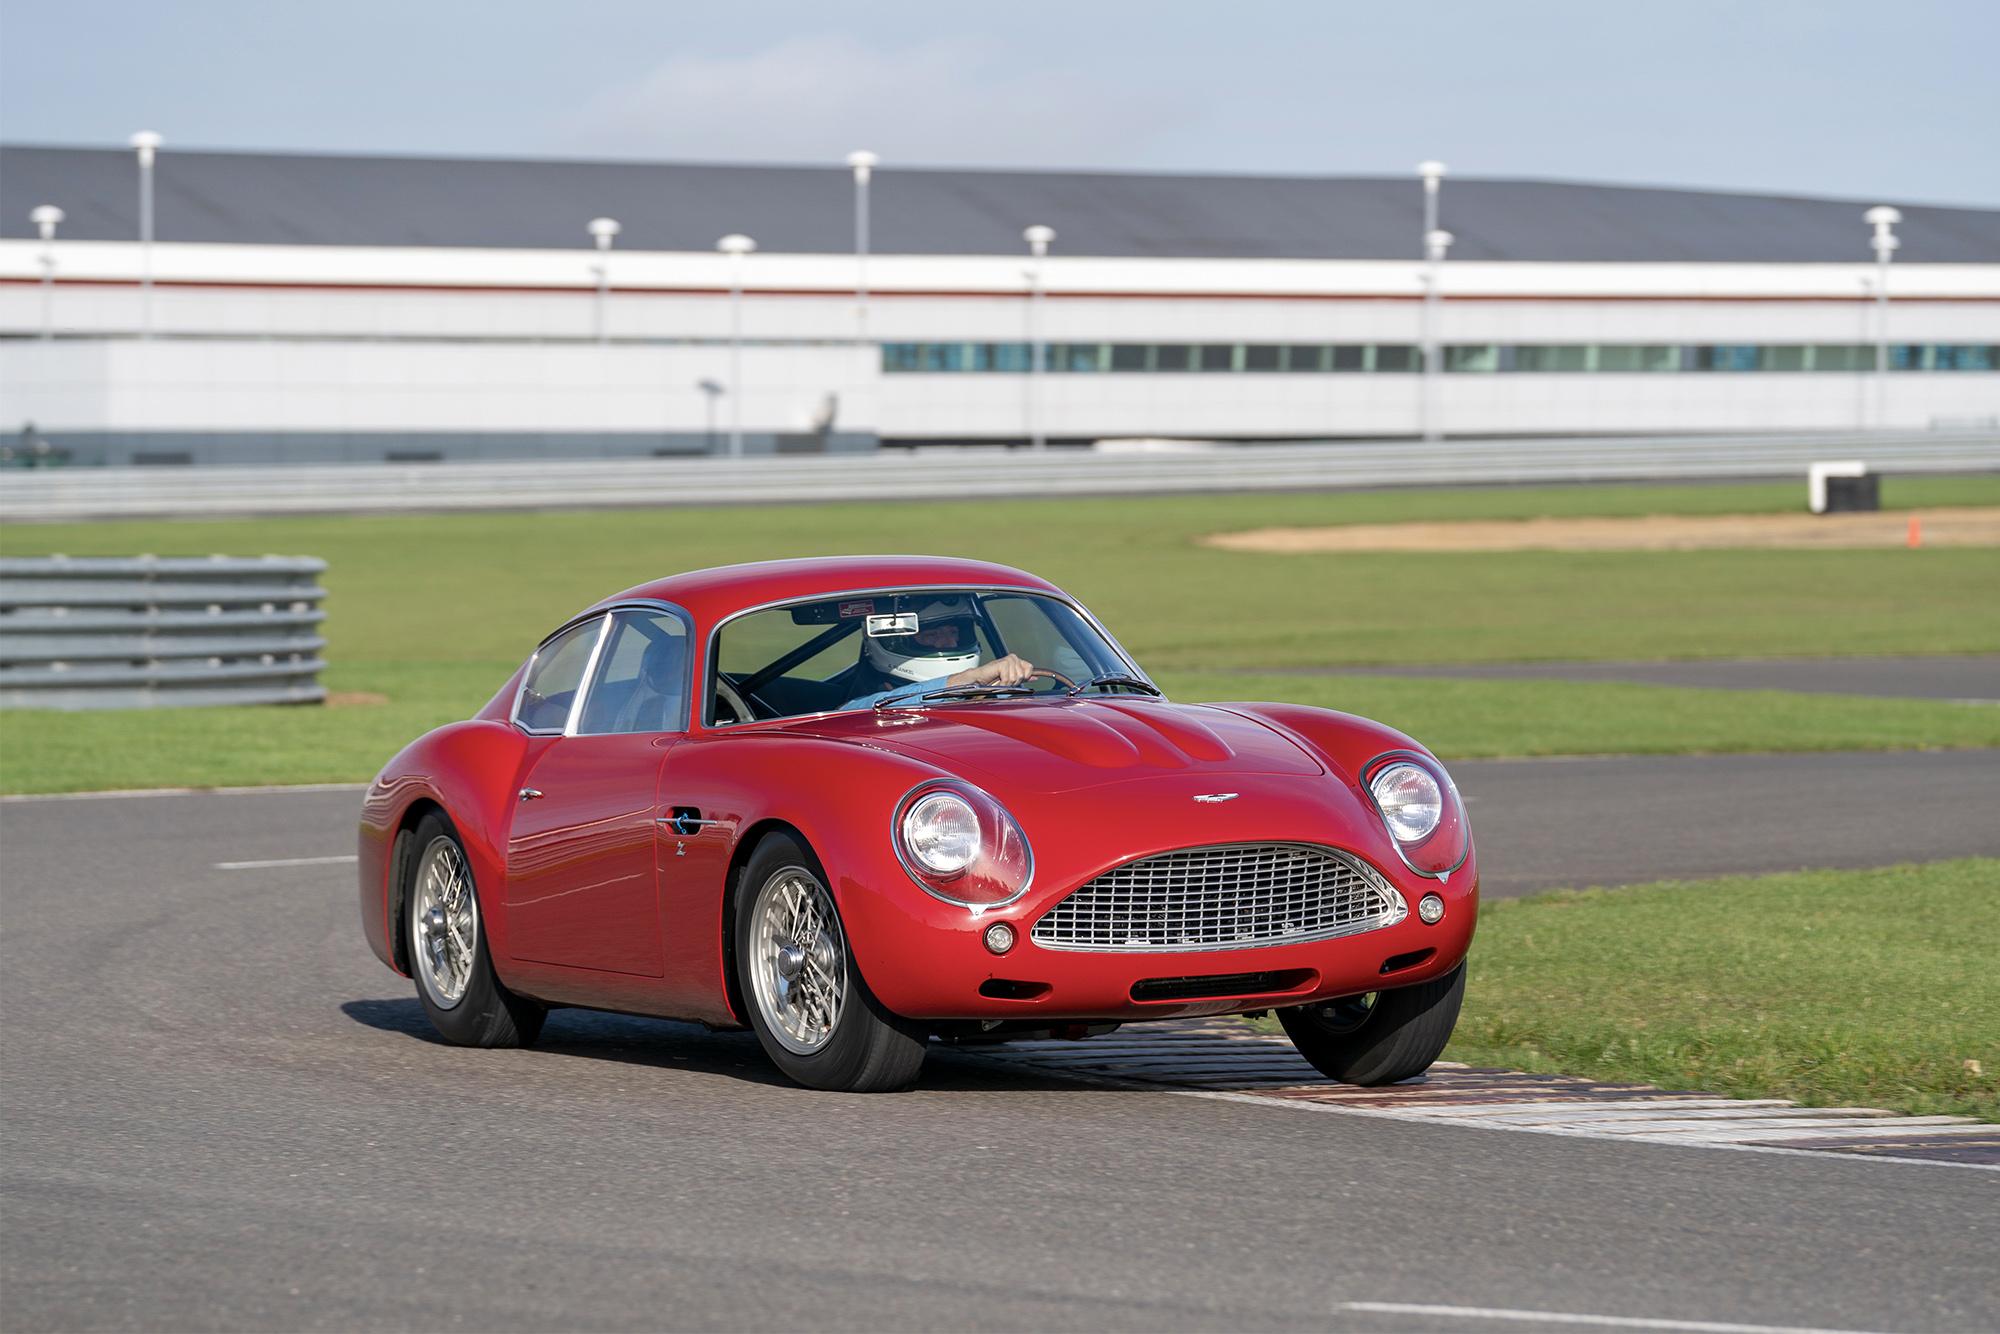 Aston Martin Db4 Gt Zagato Continuation Motor Sport Magazine